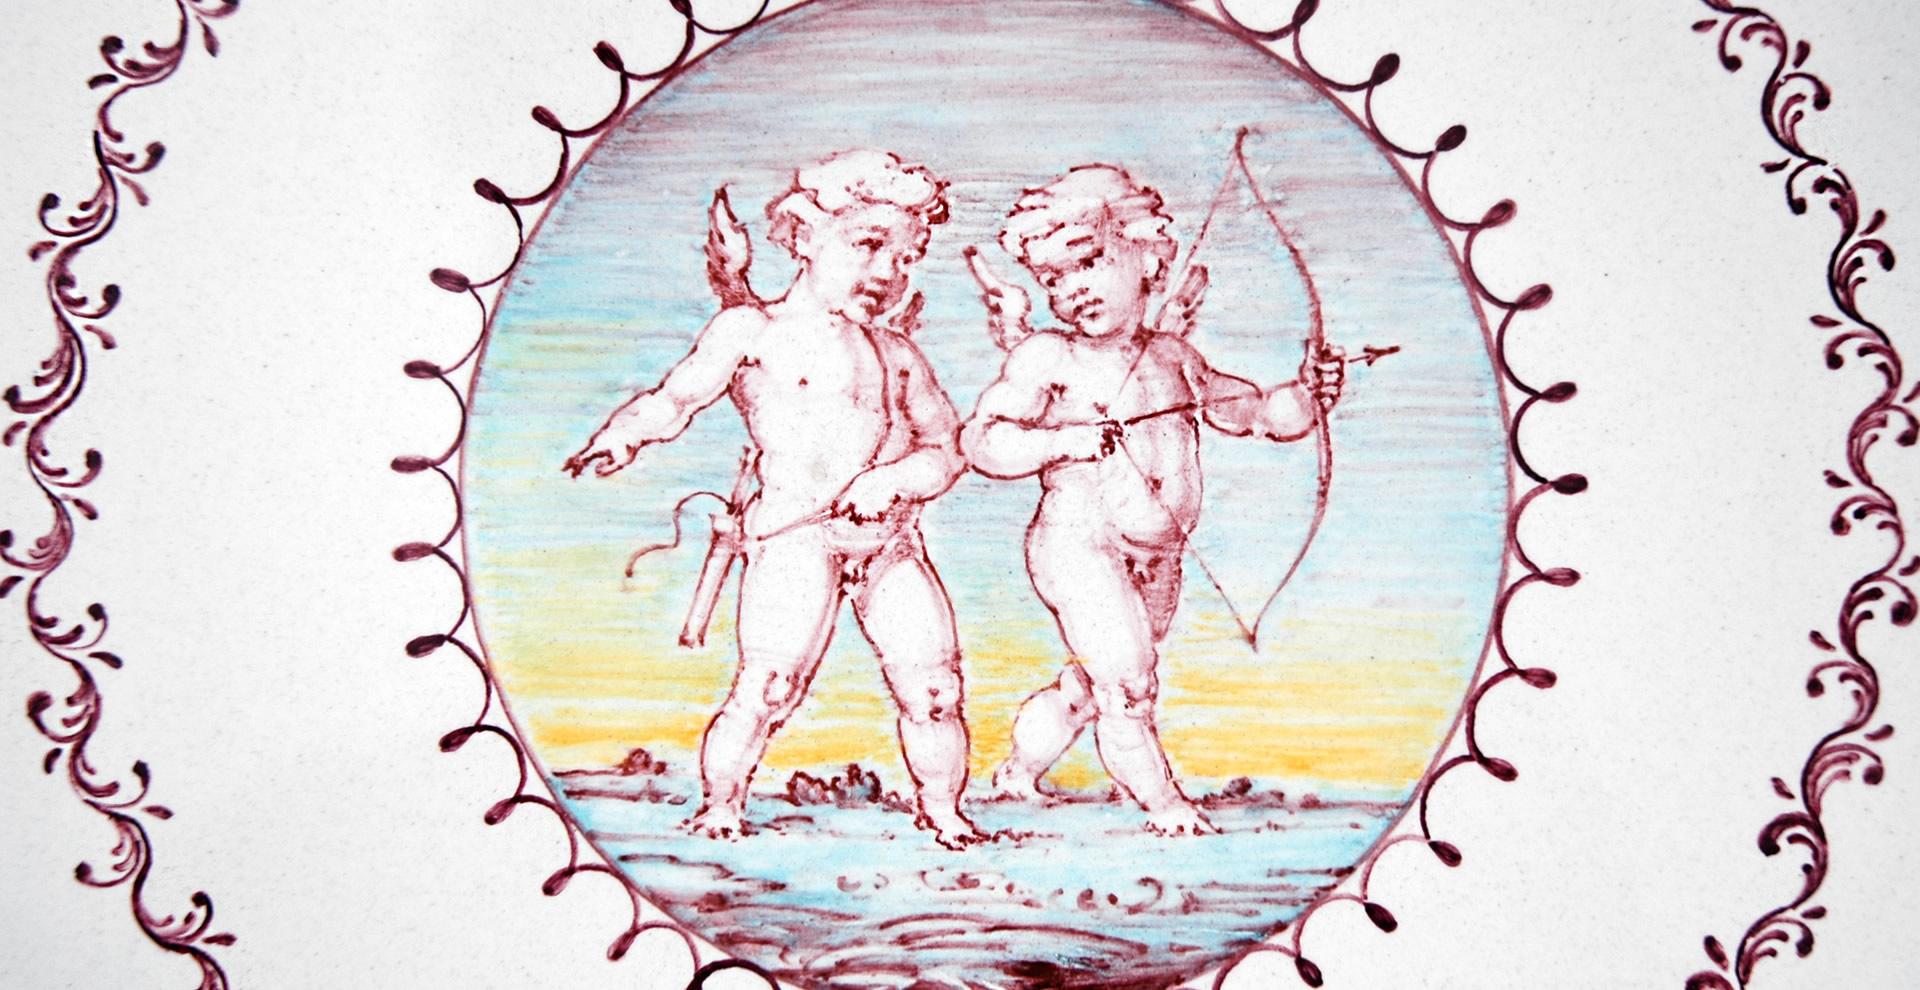 rosa-share-piatto-sagomato-con-putti-3